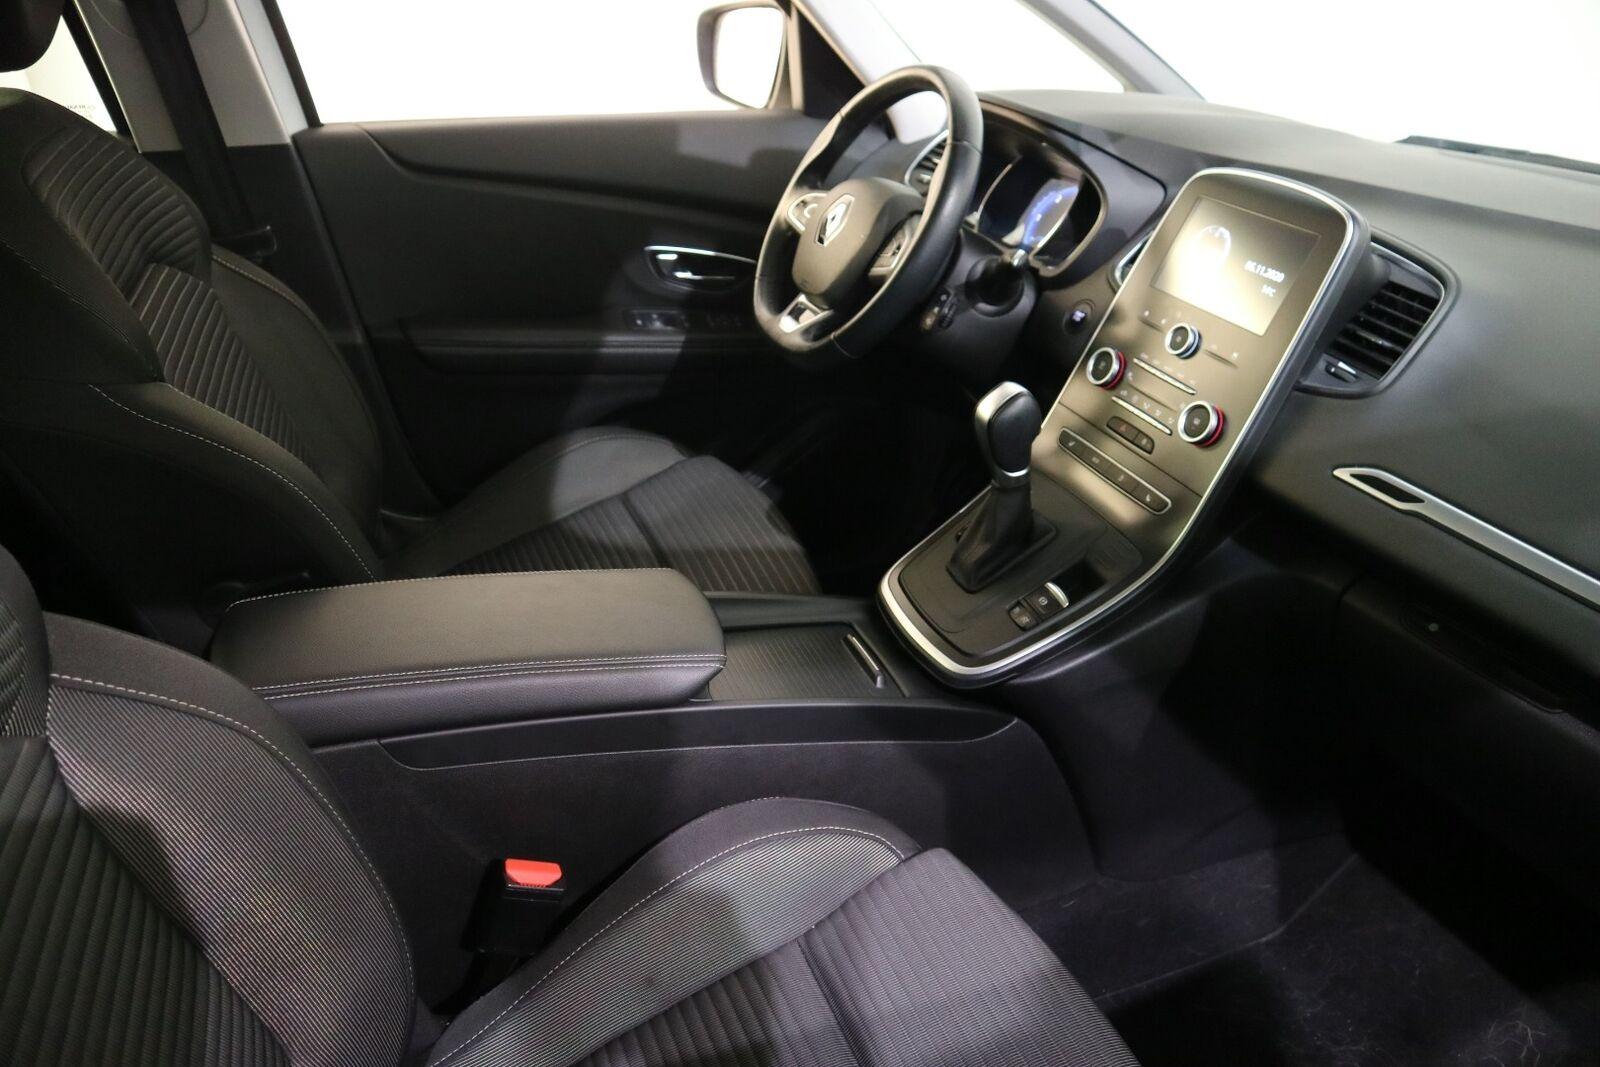 Renault Grand Scenic IV 1,5 dCi 110 Zen EDC 7prs - billede 12